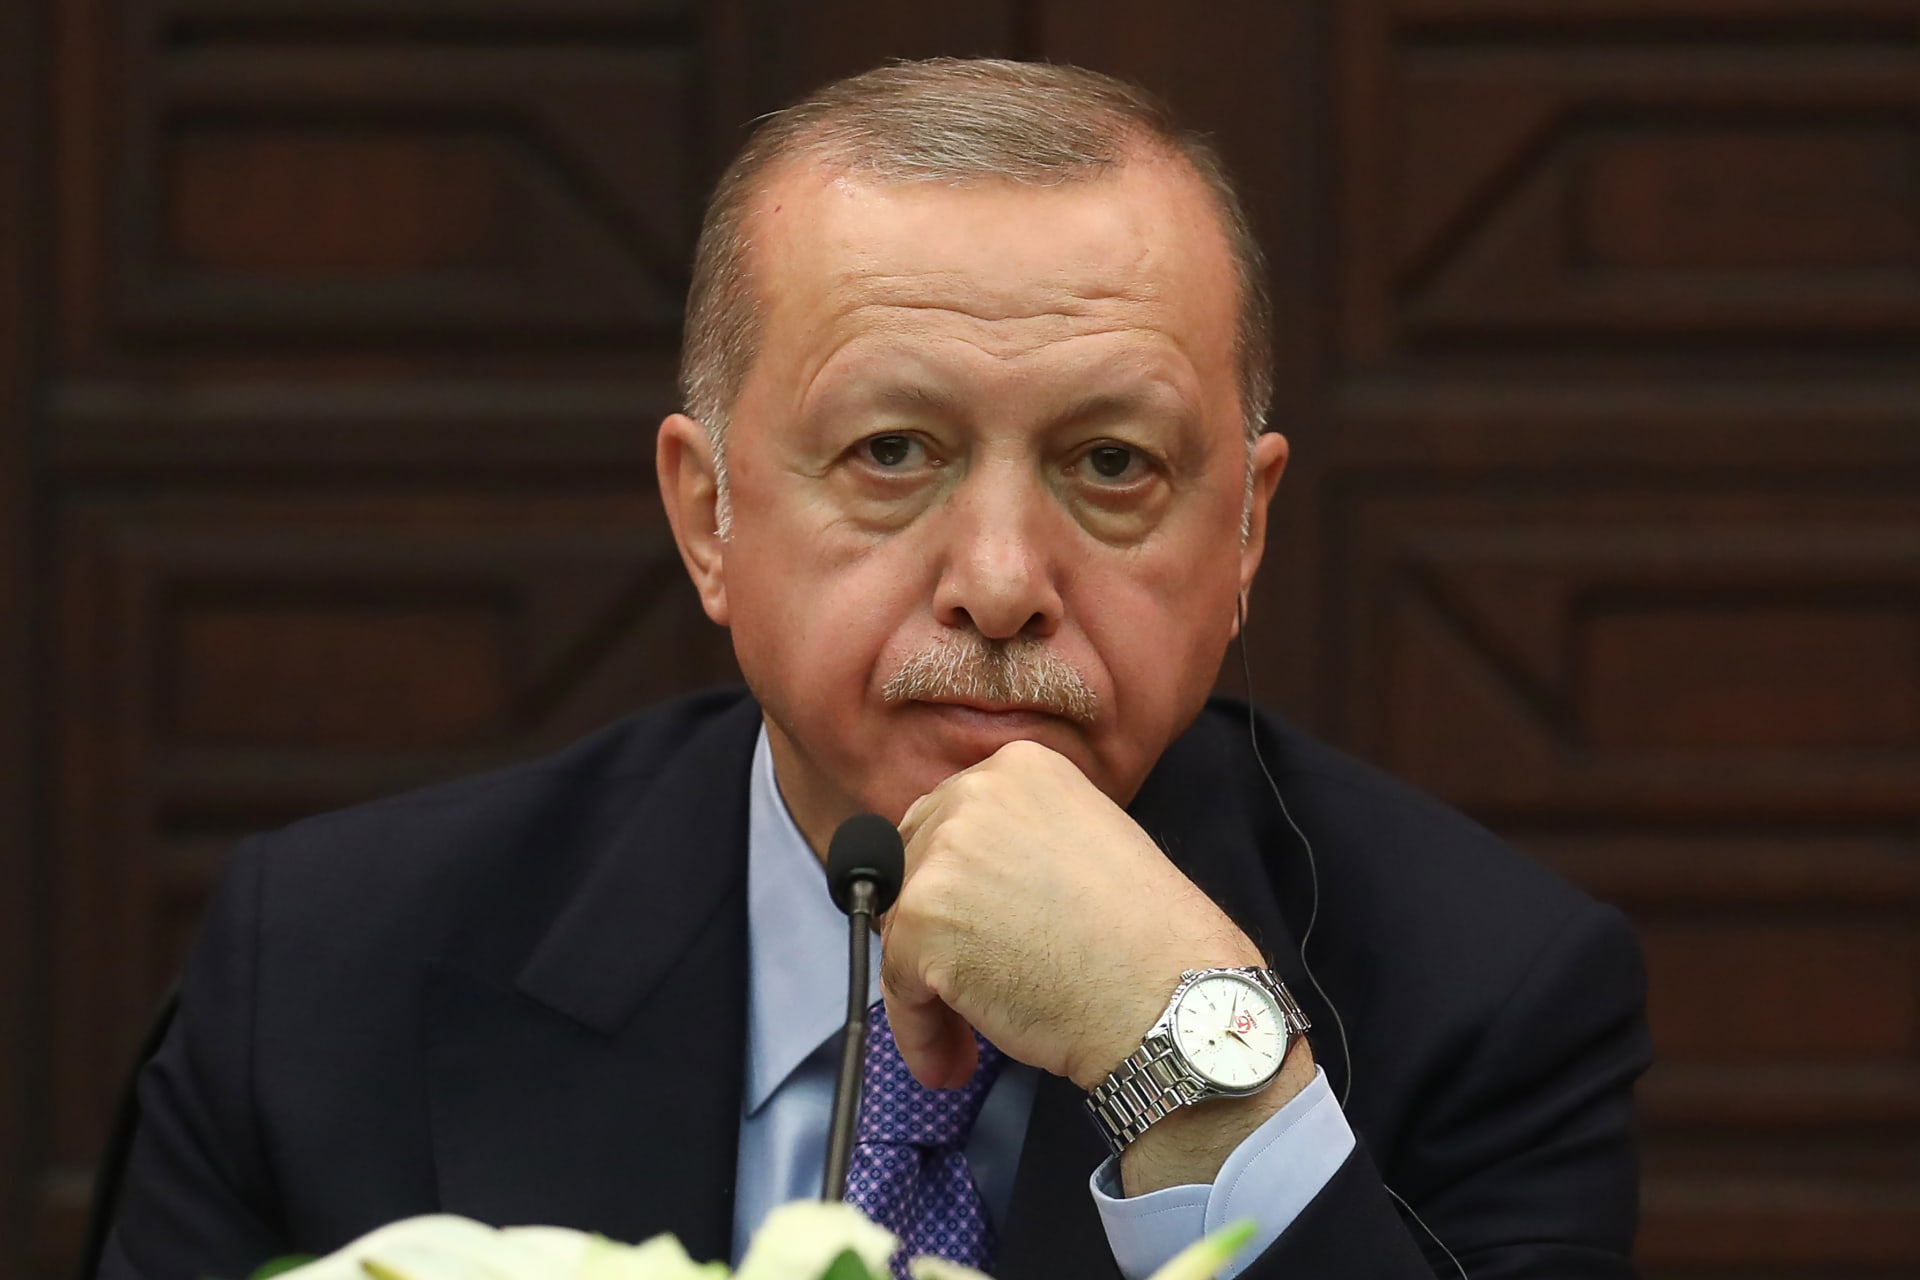 أردوغان يرد على اتهامات سعودية بتلقي أموال للاهتمام بقضية خاشقجي.. ويرفض اتهام إيران بضرب أرامكو